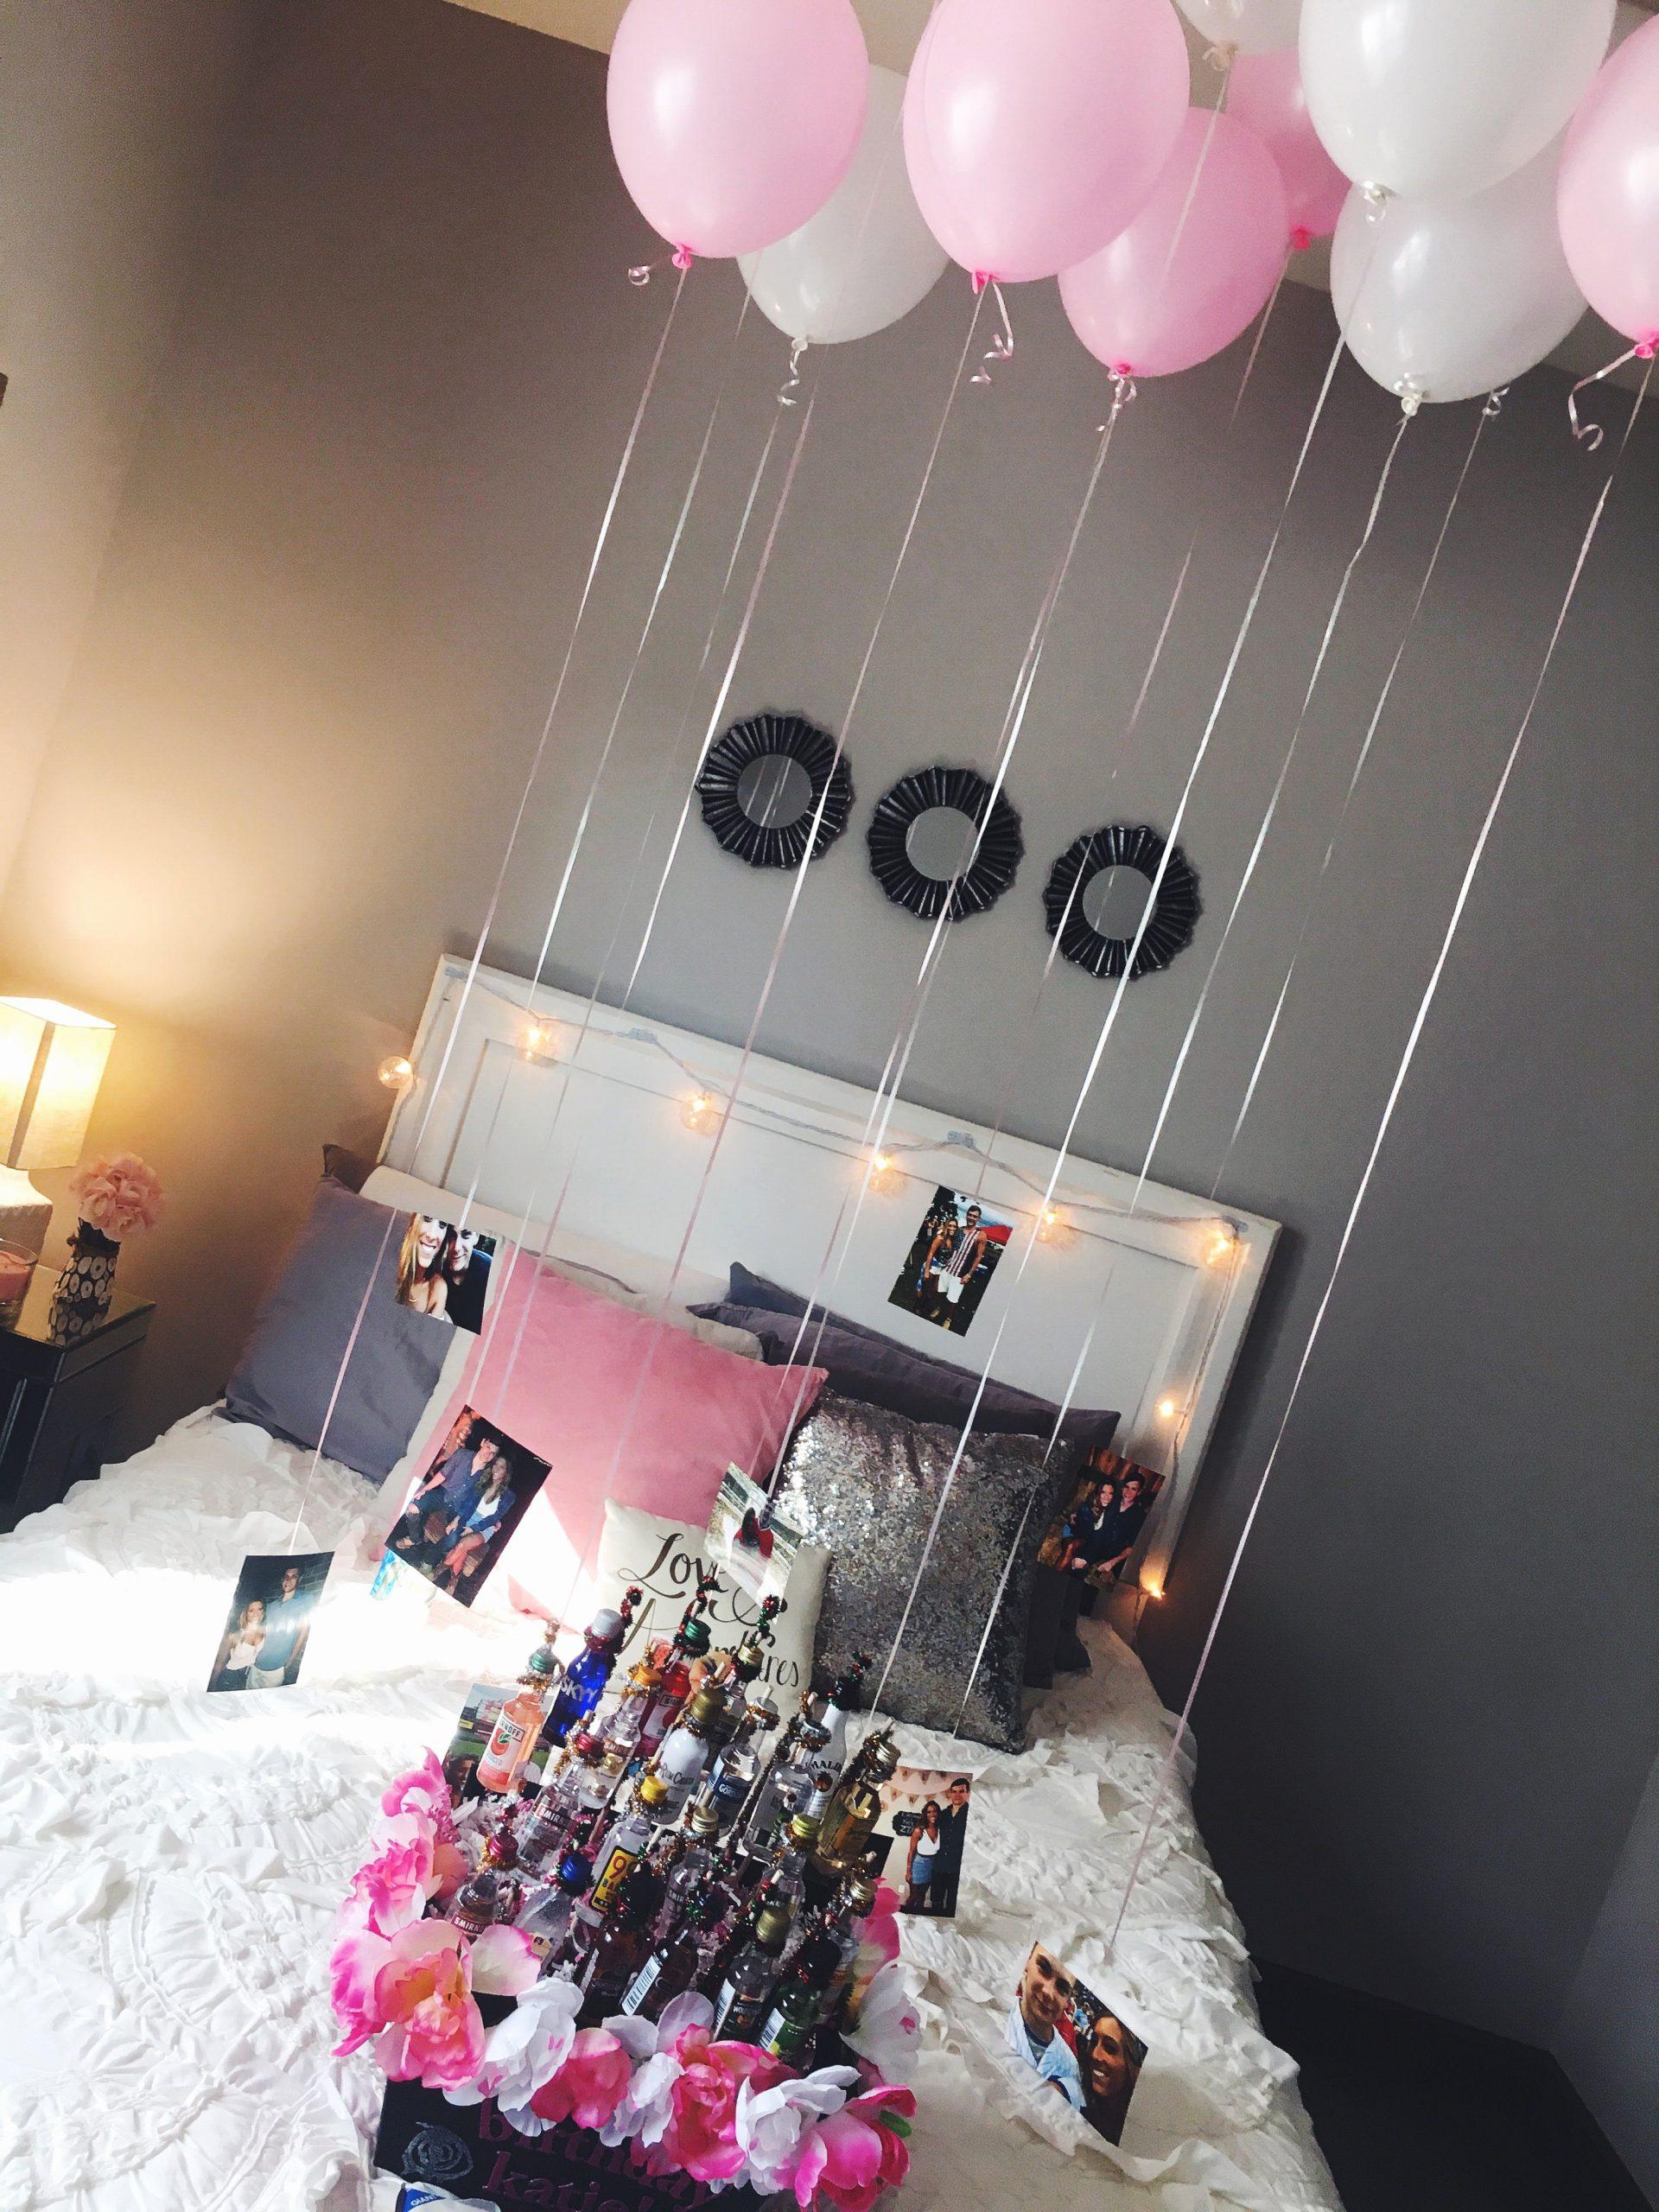 Girlfriend Birthday Decoration Ideas Fresh Easy and Cute Decorations for A Friend or Girlfriends 21st